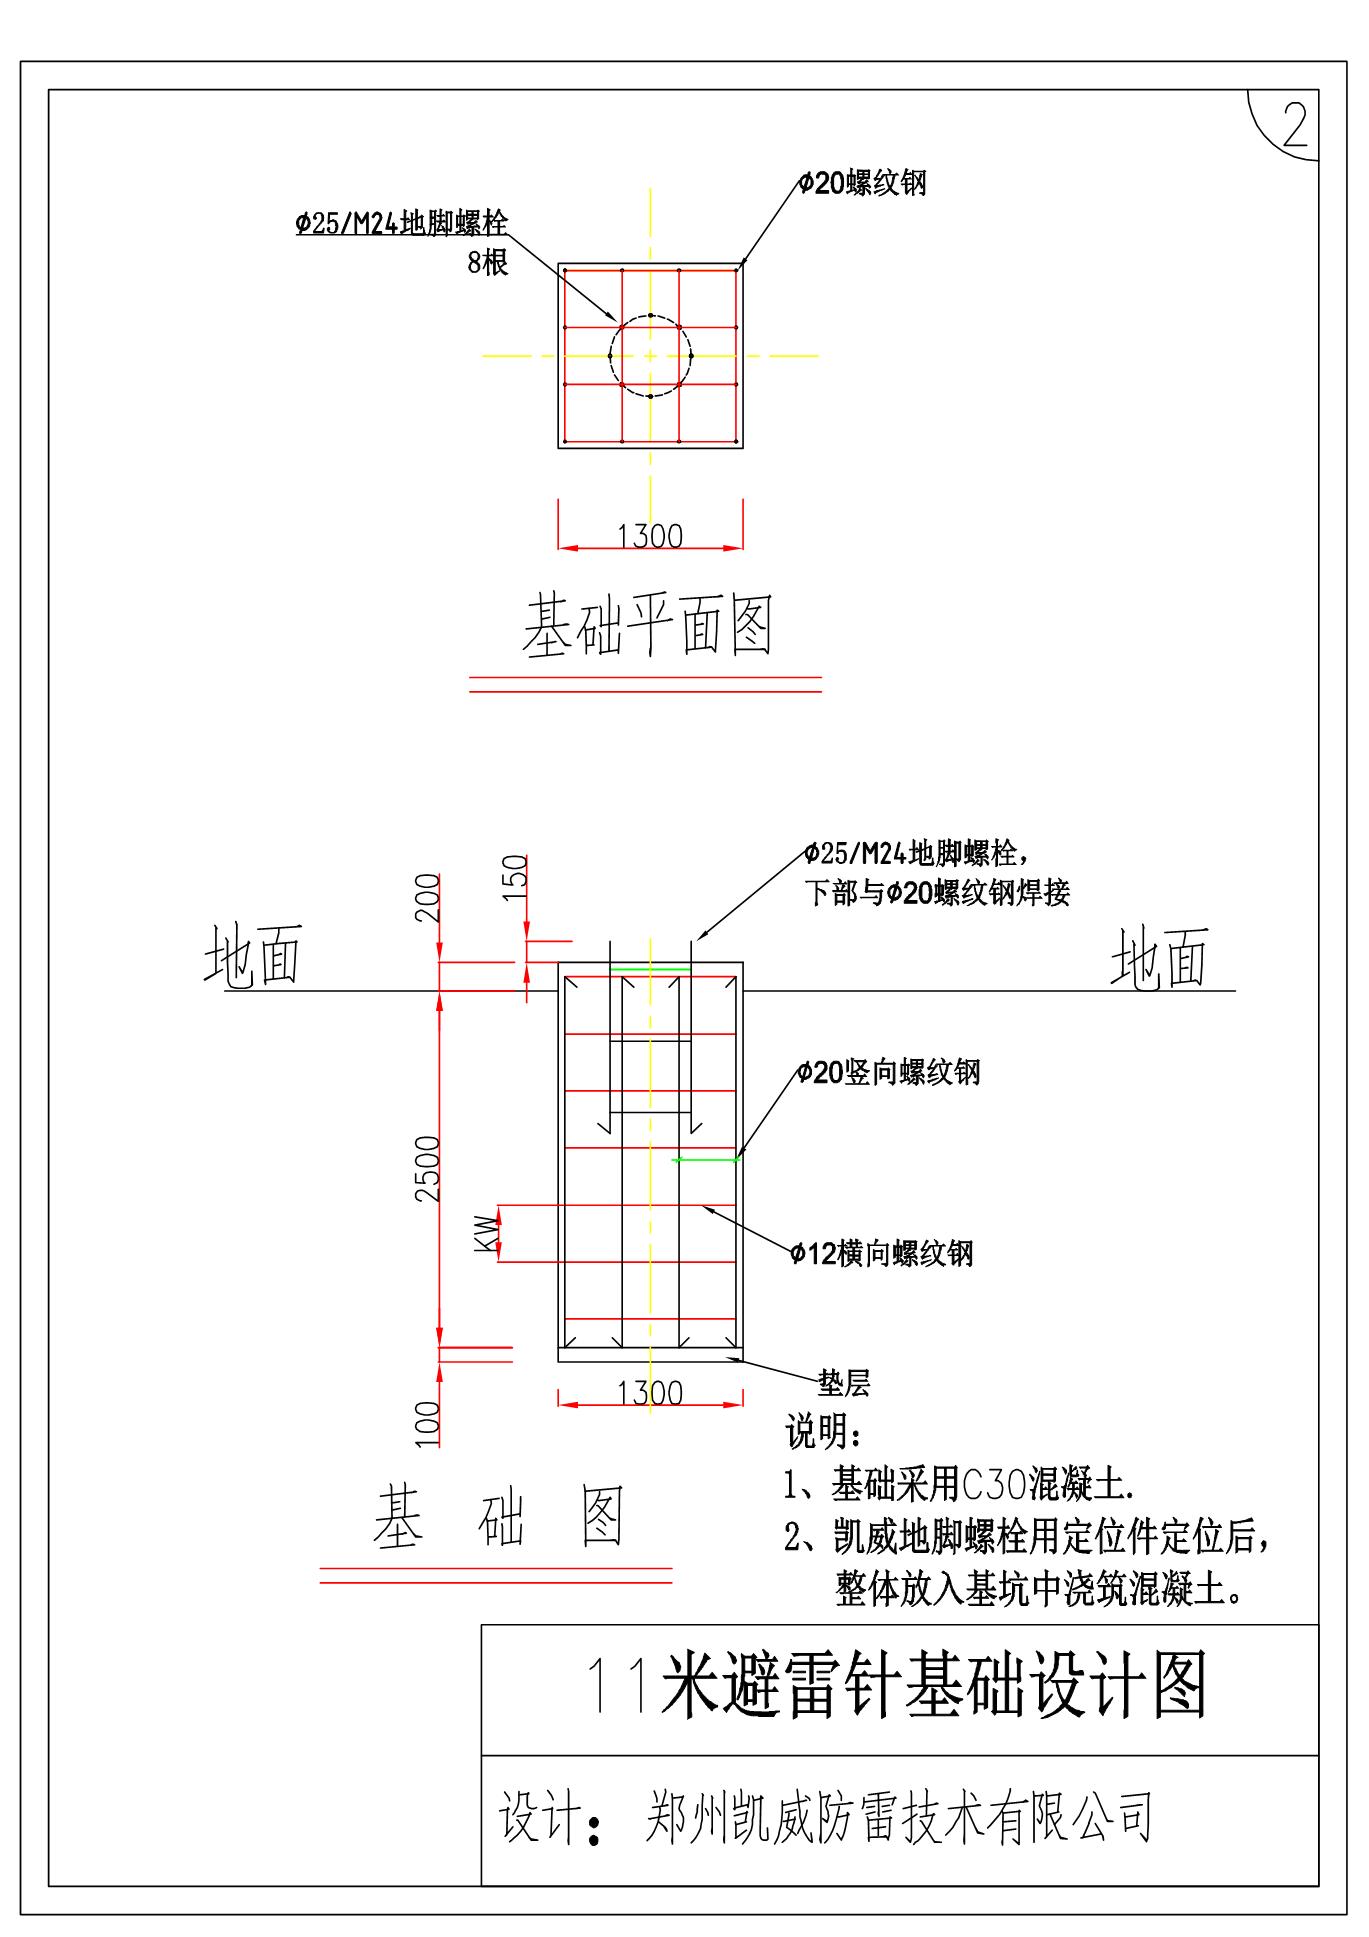 11米避雷针设计图2.jpg